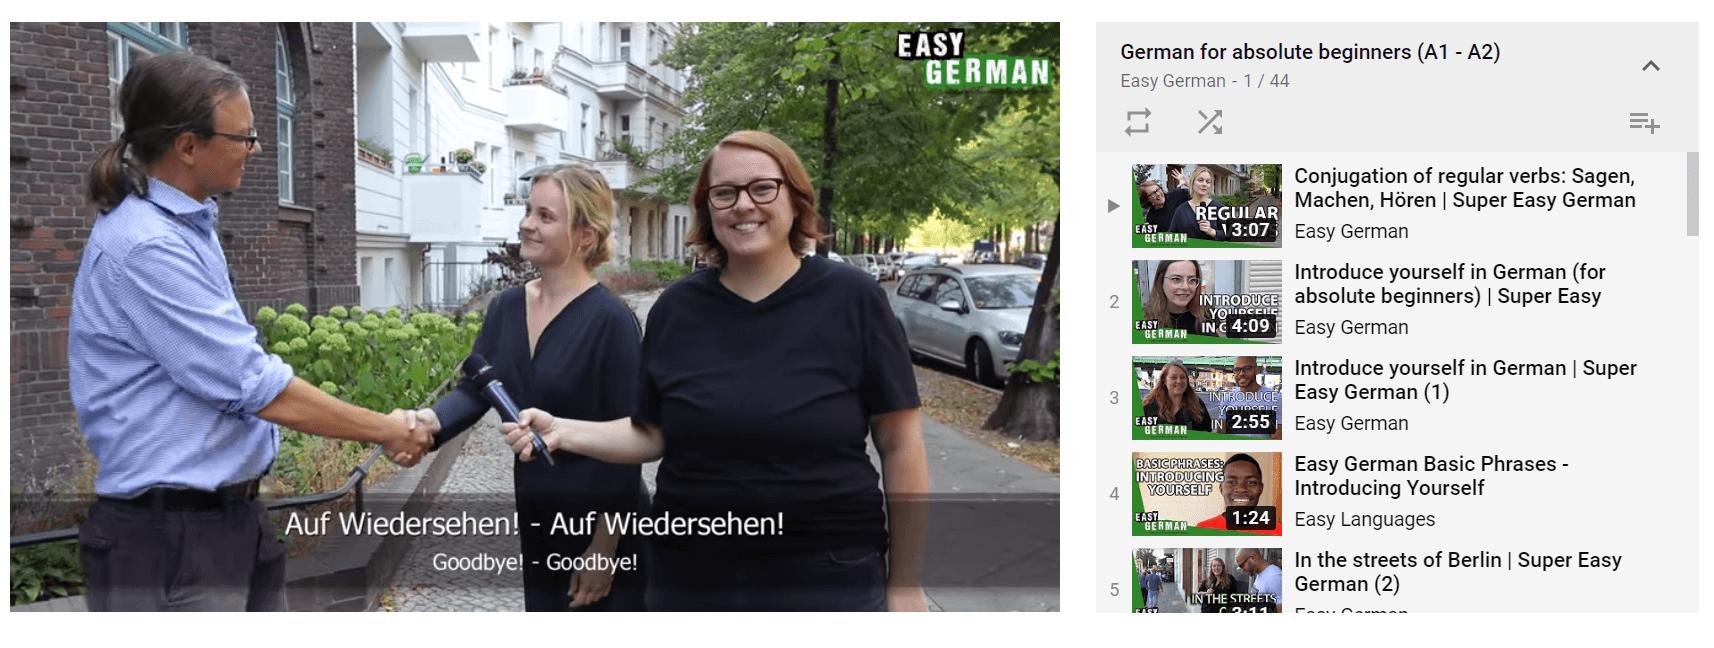 learn german - Easy German